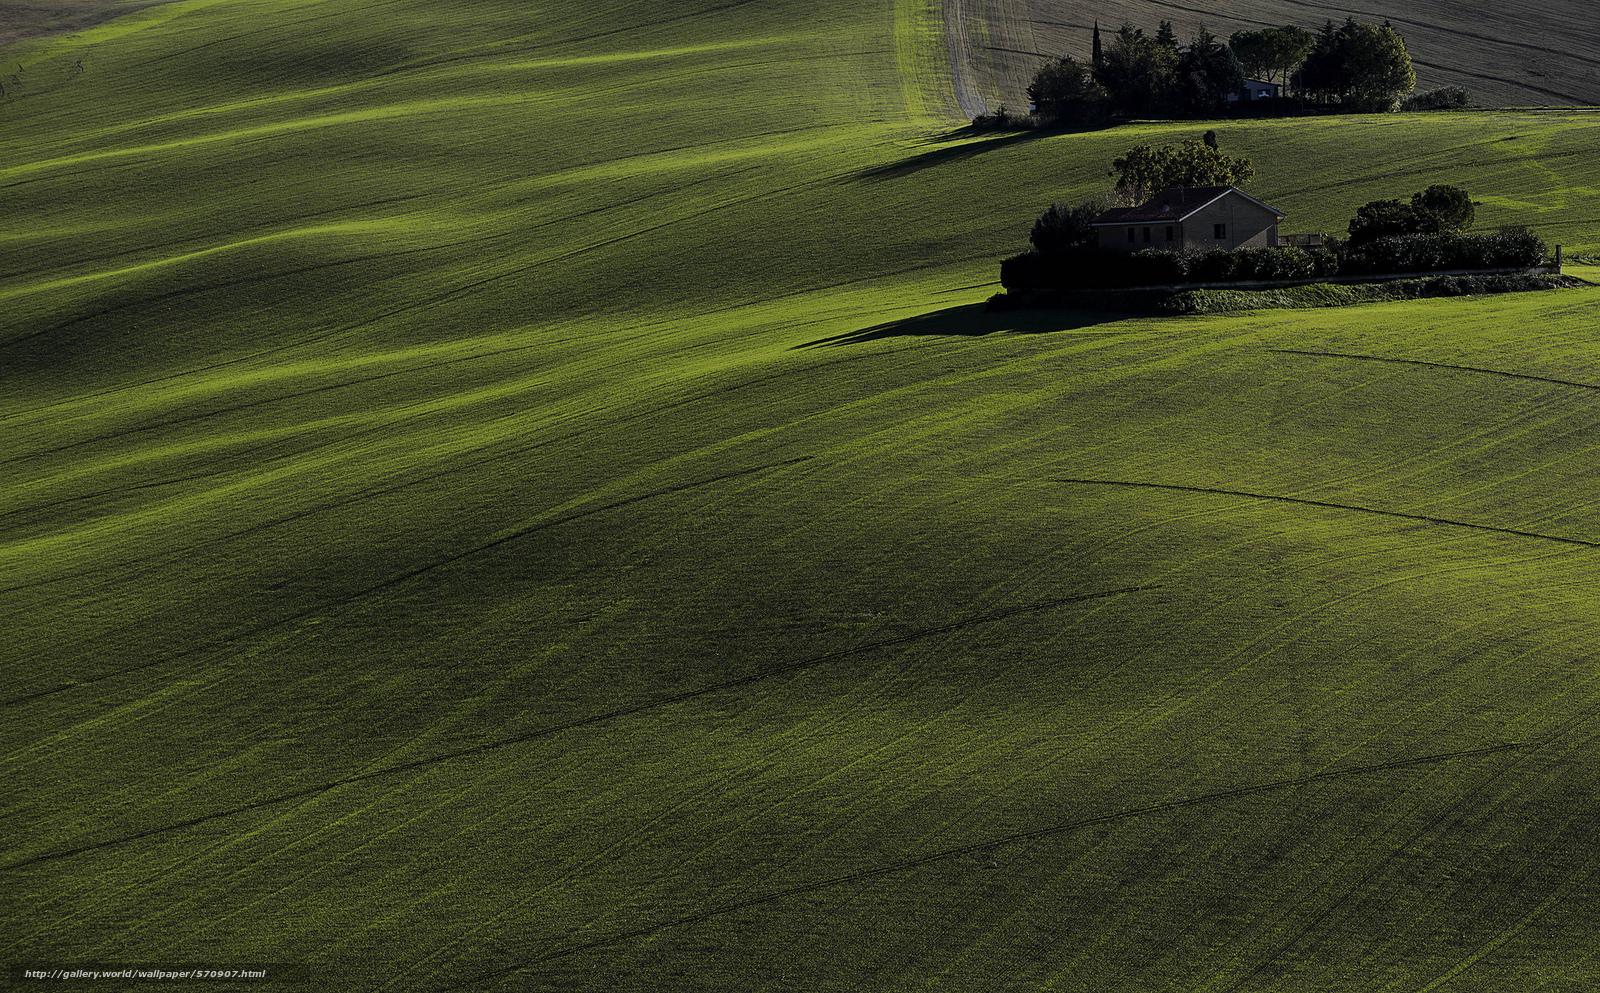 Скачать обои деревья,  поля,  зелень,  дома бесплатно для рабочего стола в разрешении 2048x1271 — картинка №570907